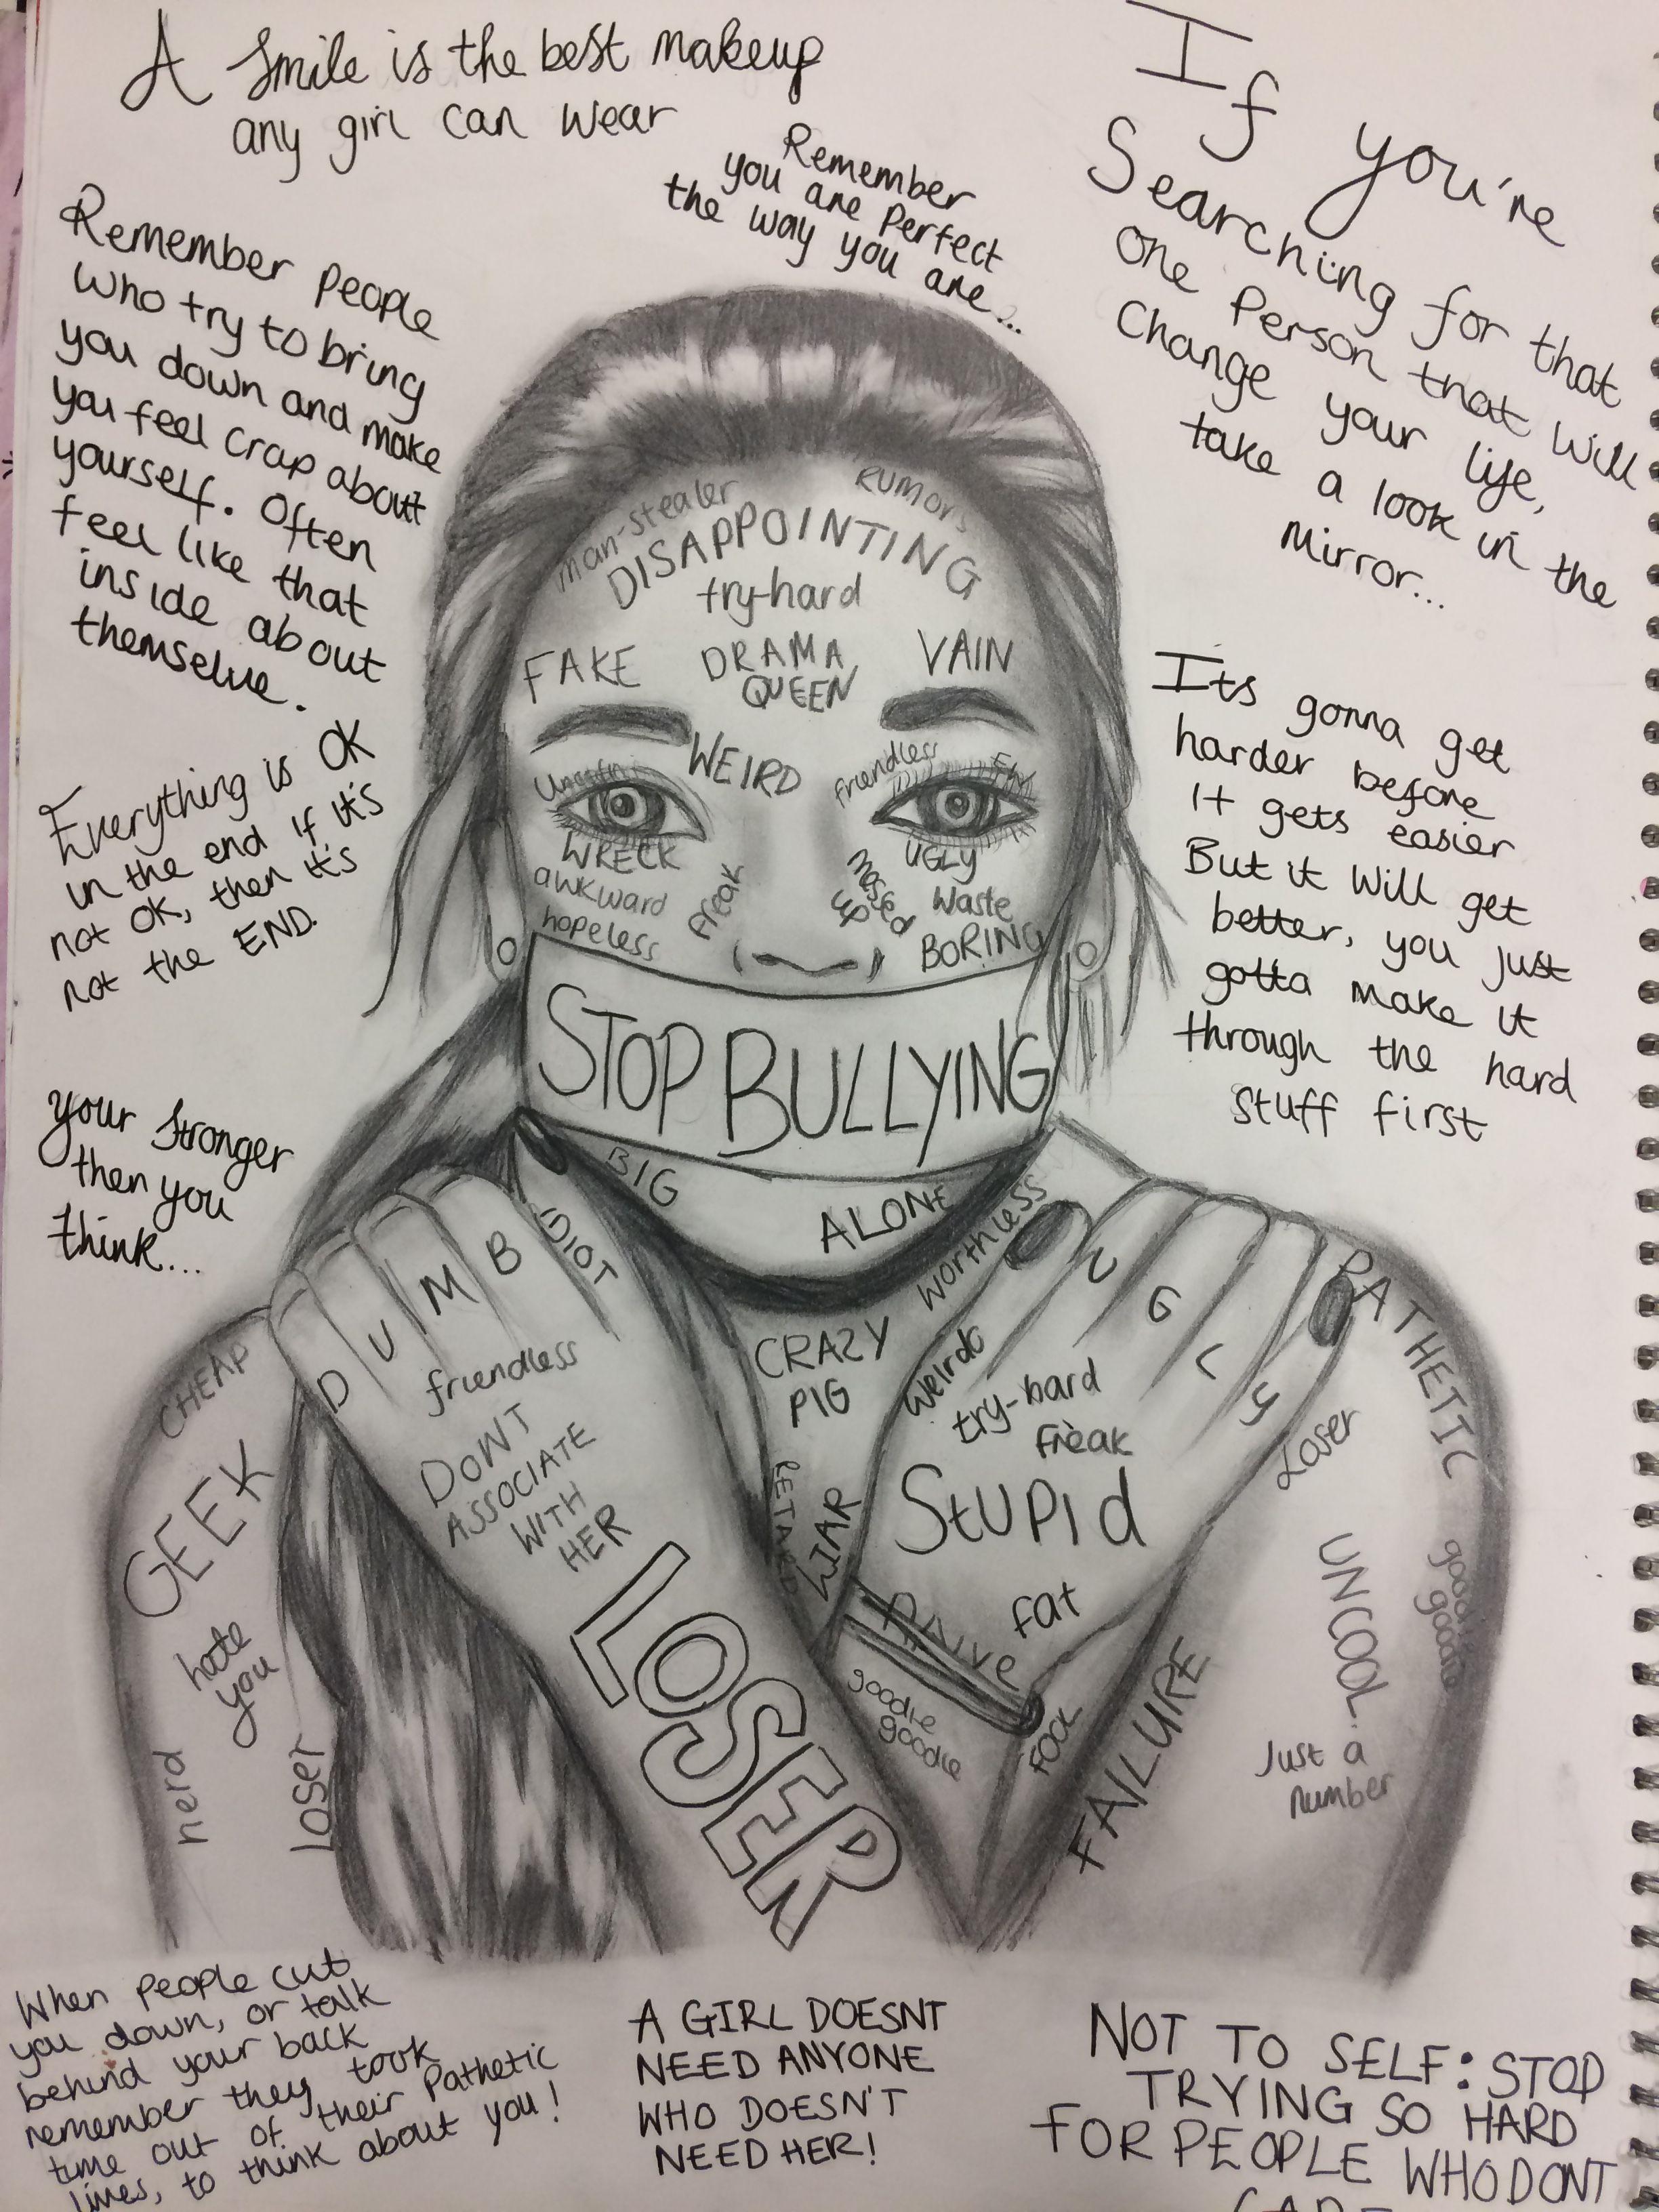 Pin by Susan Fuller on Feelings words in 2019 | Drawings ...